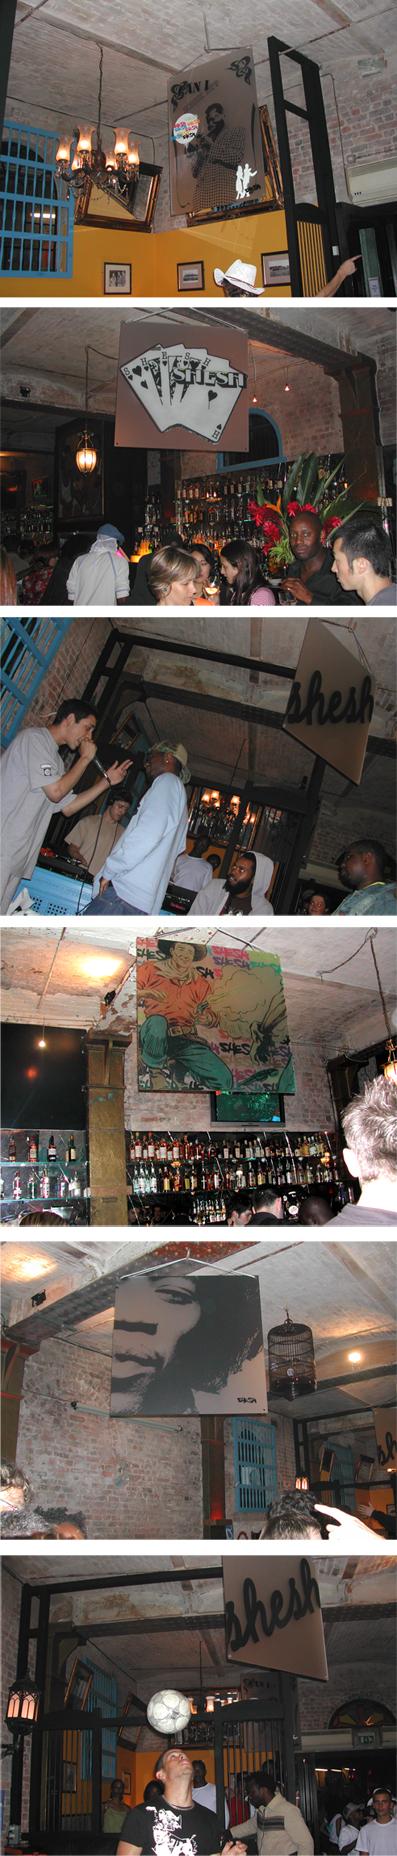 Cuban 2004